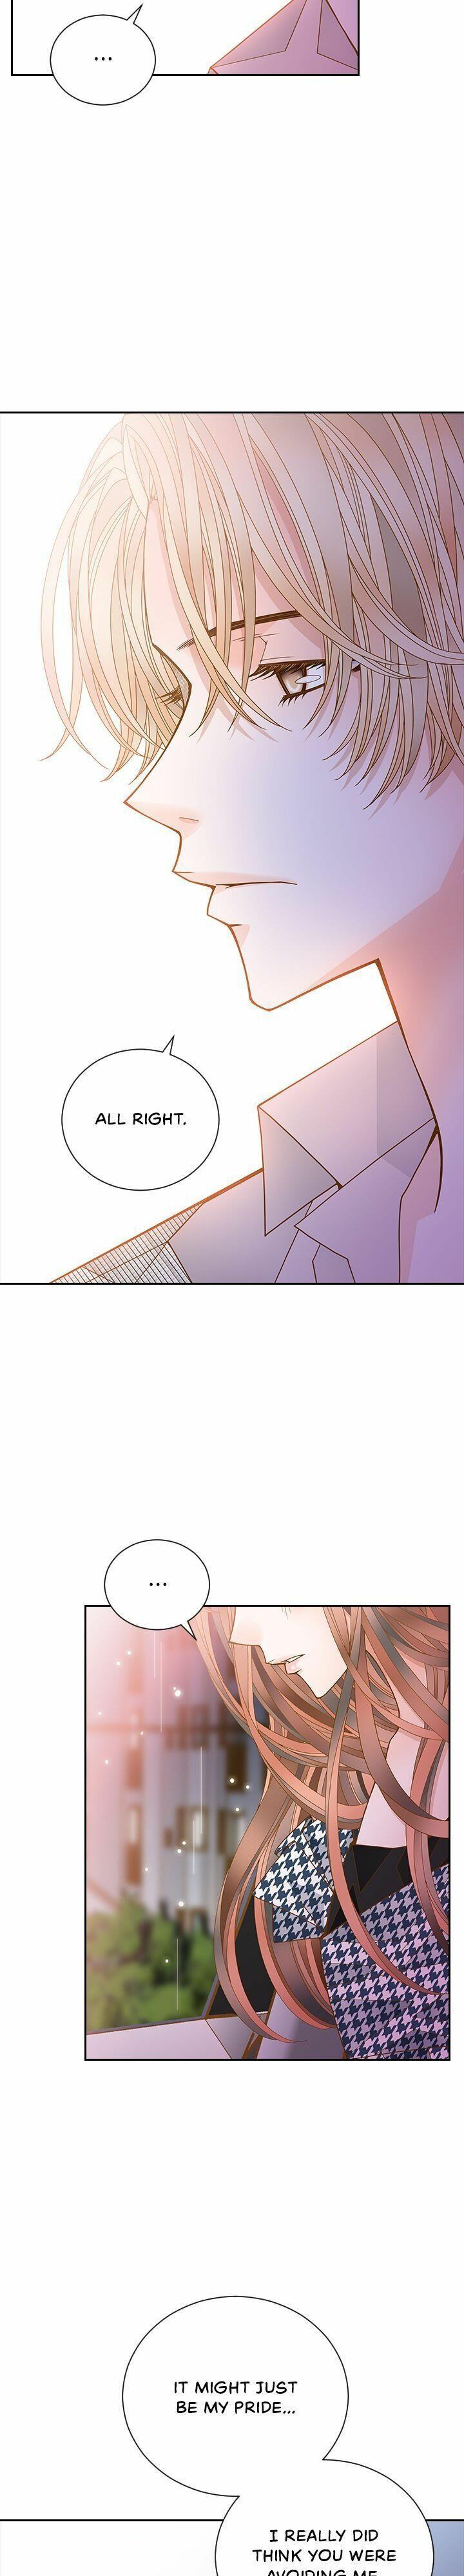 My Bad Younger Man Chapter 47 page 23 - Mangakakalots.com